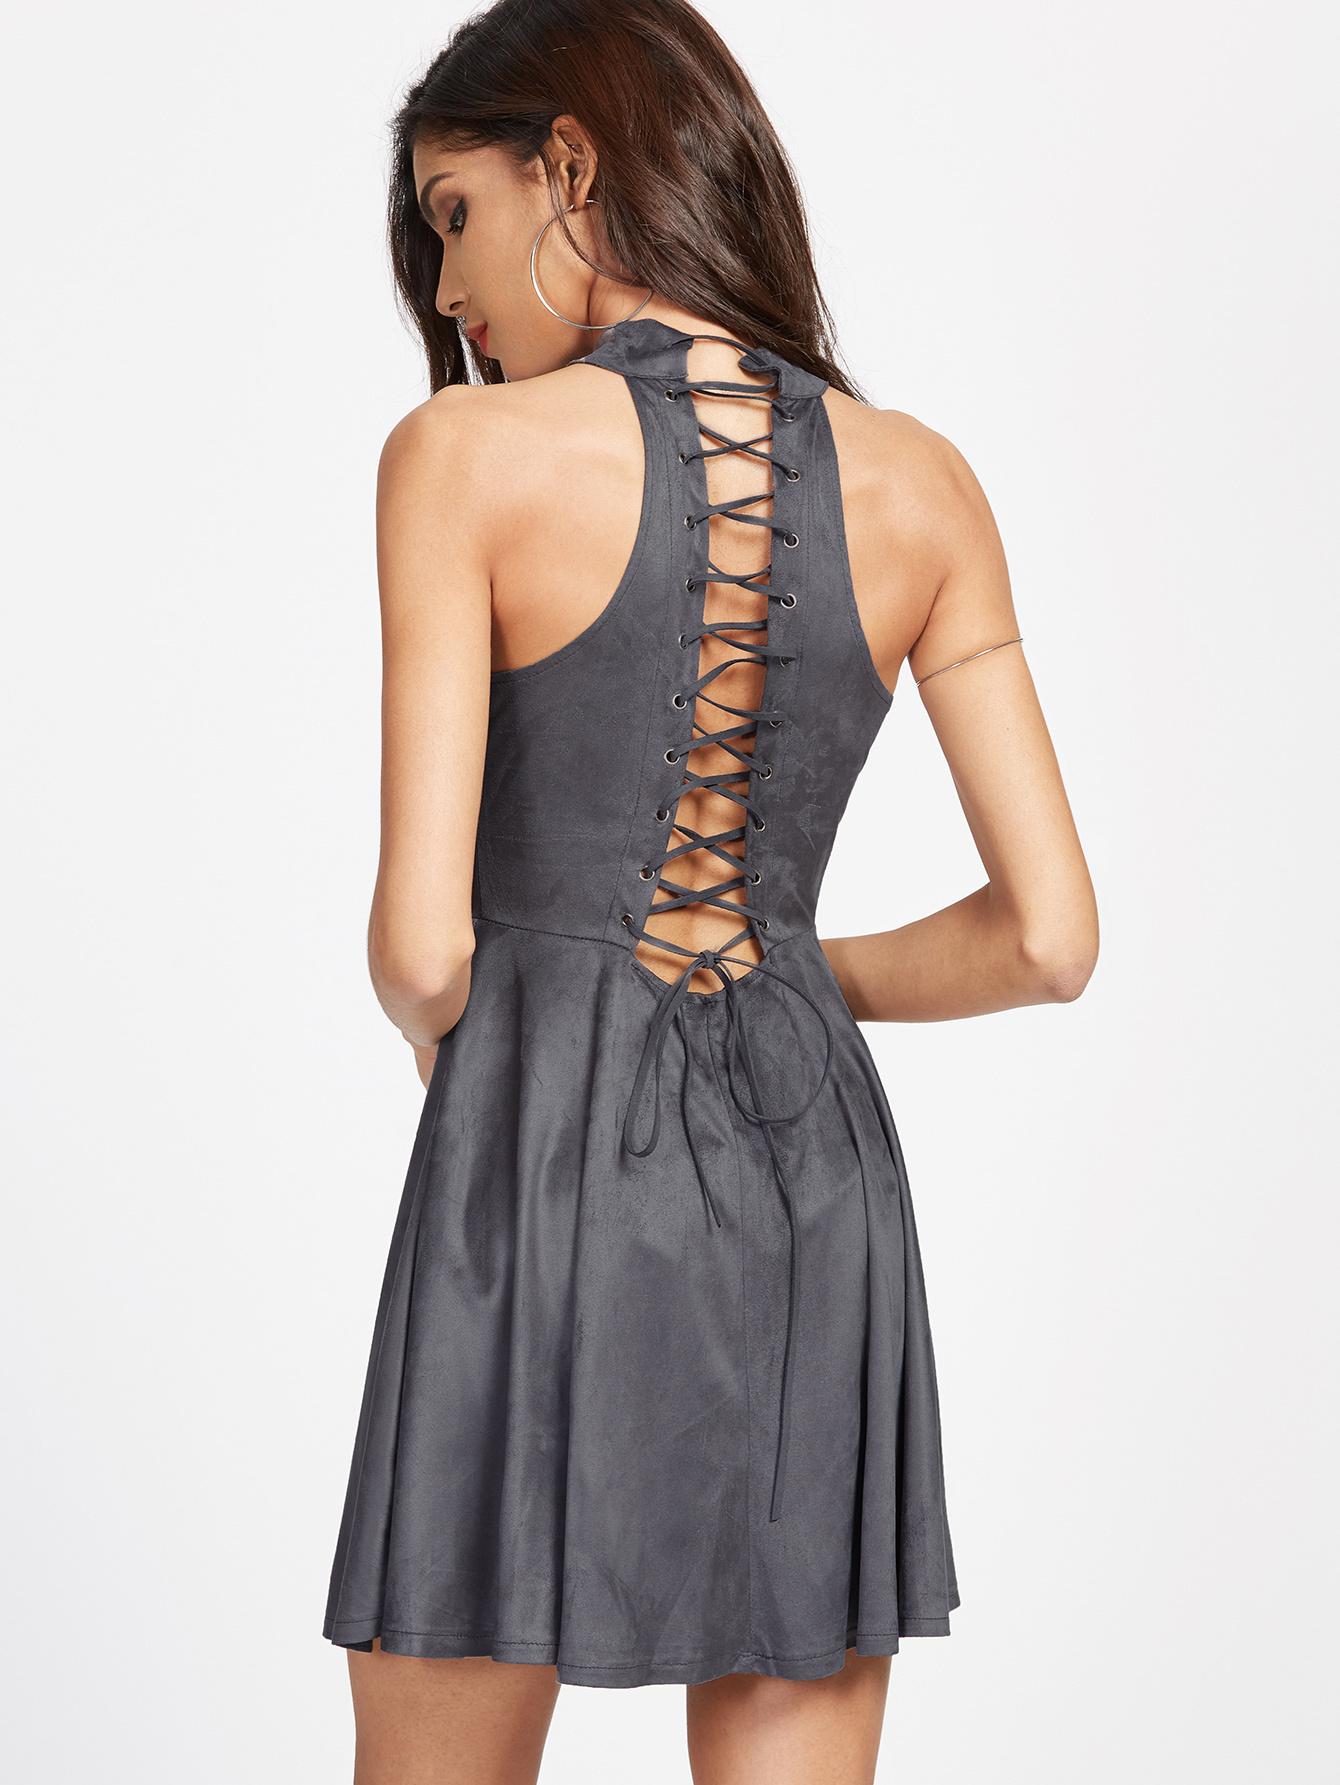 Расширить серое платье шнуровкой сзади